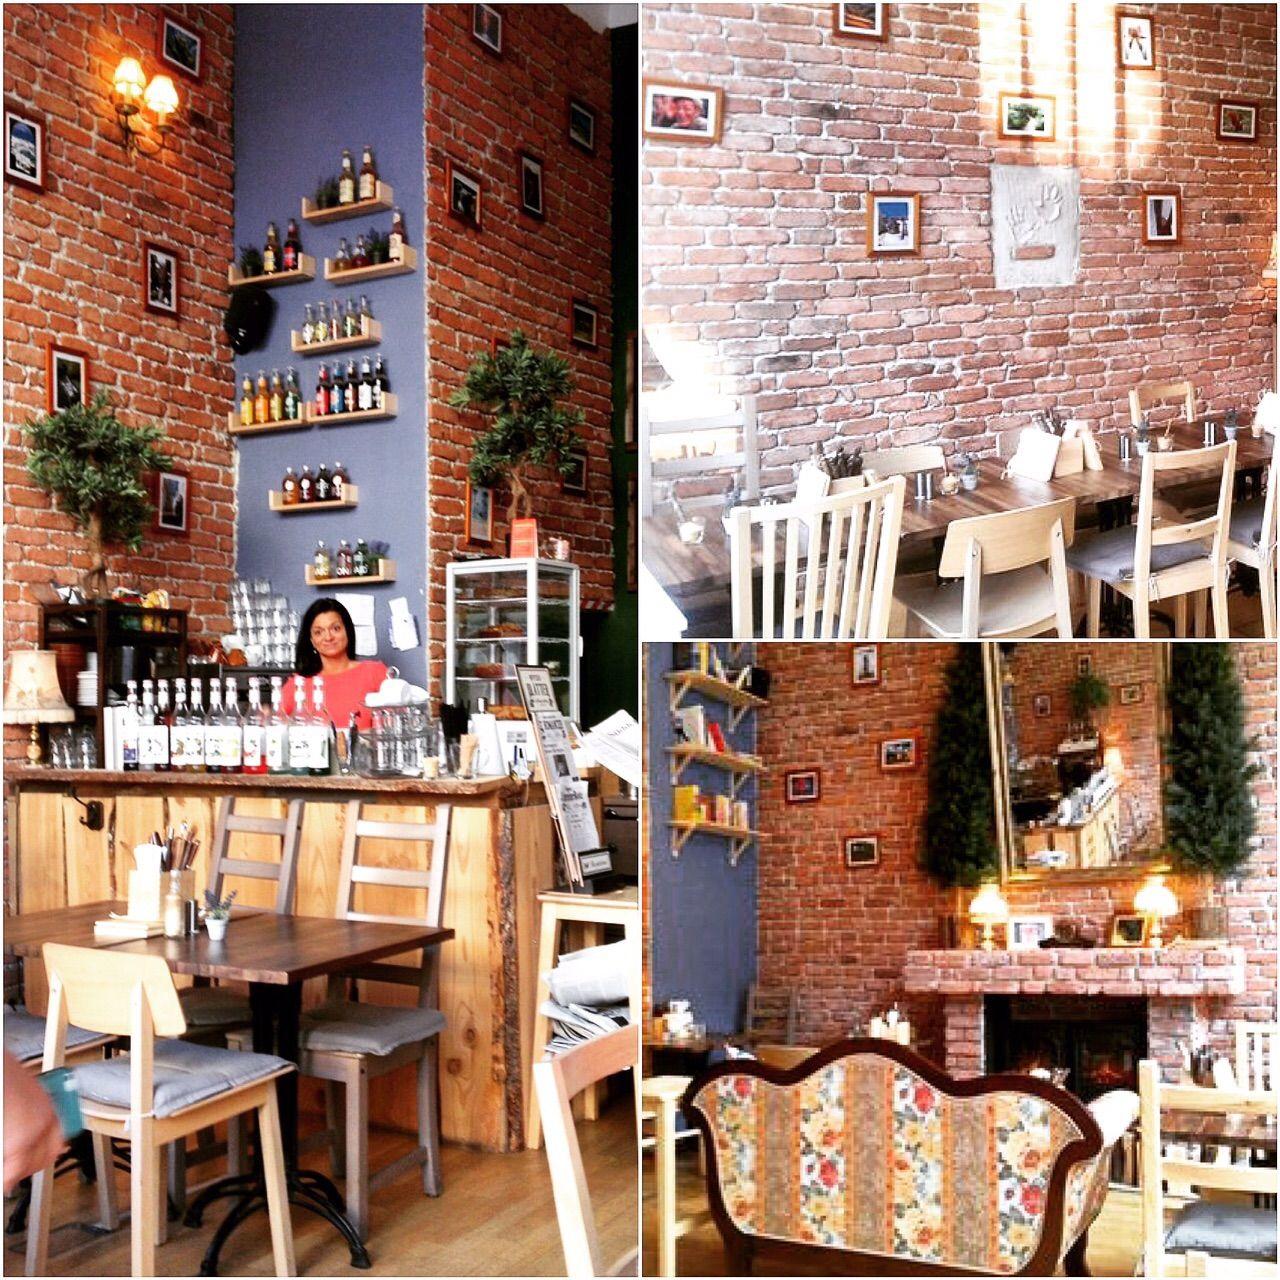 Cafe Wohnraum K Ef Bf Bdln